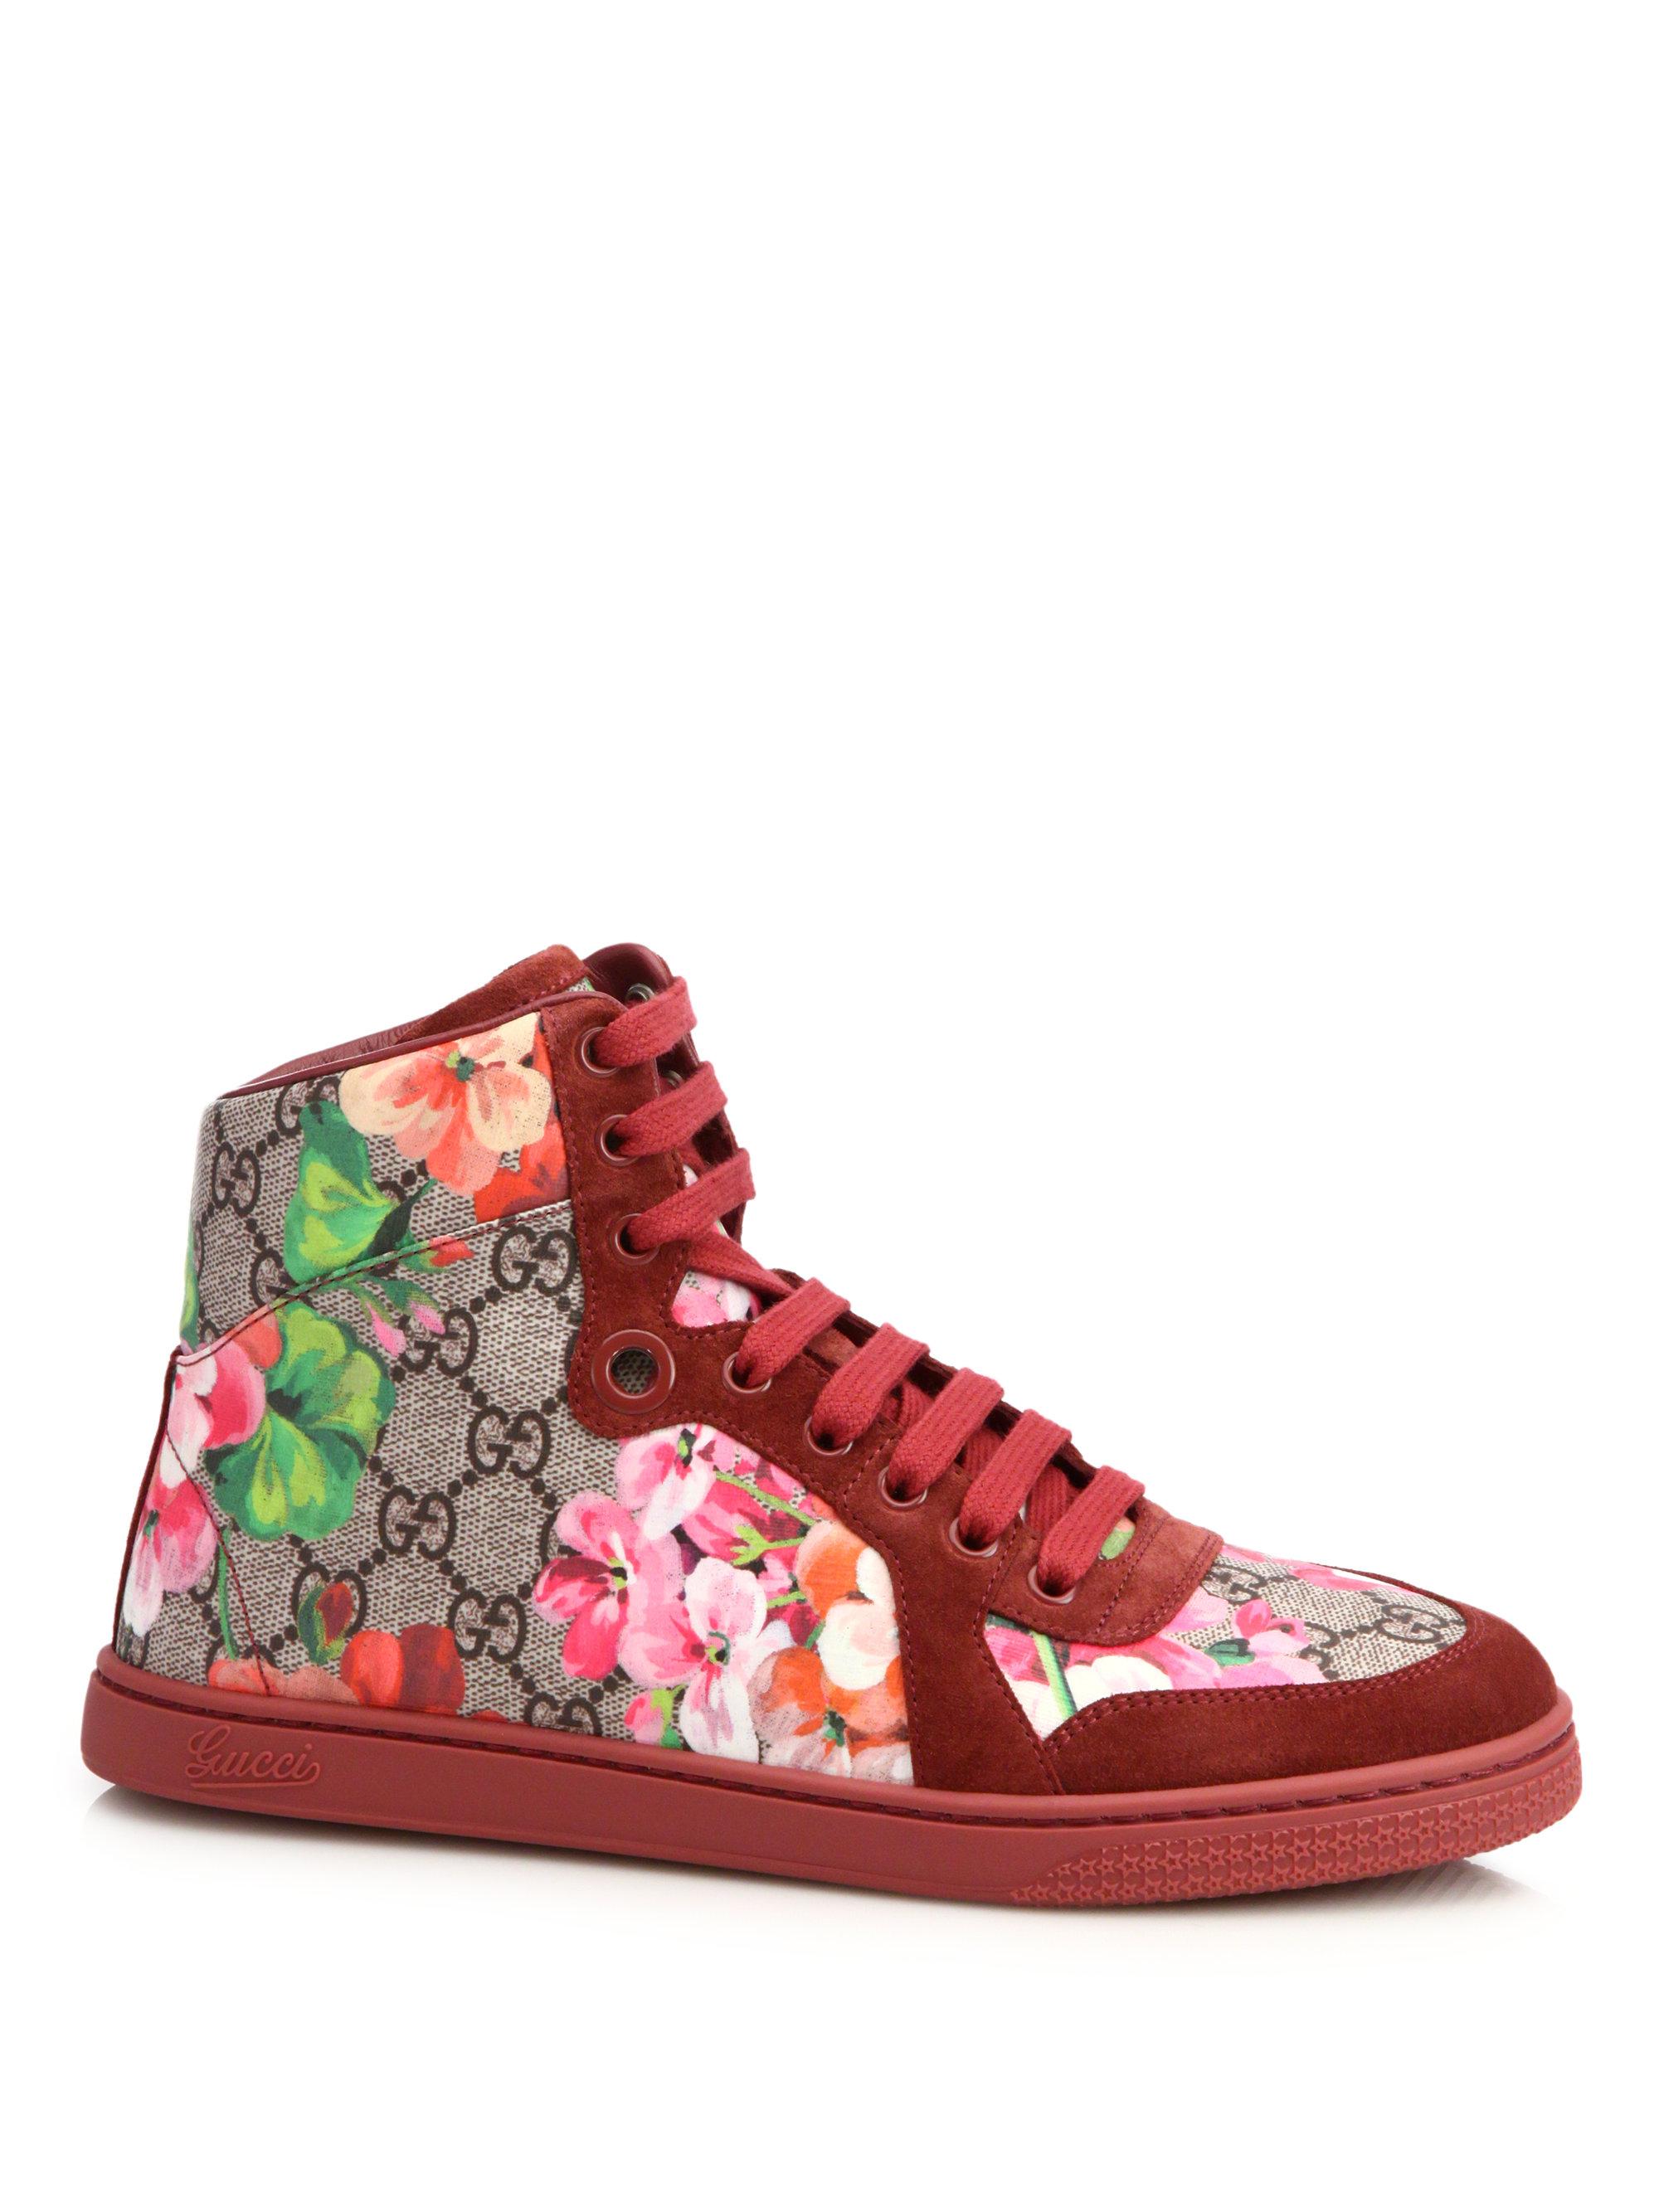 Gucci Floral Shoes Men